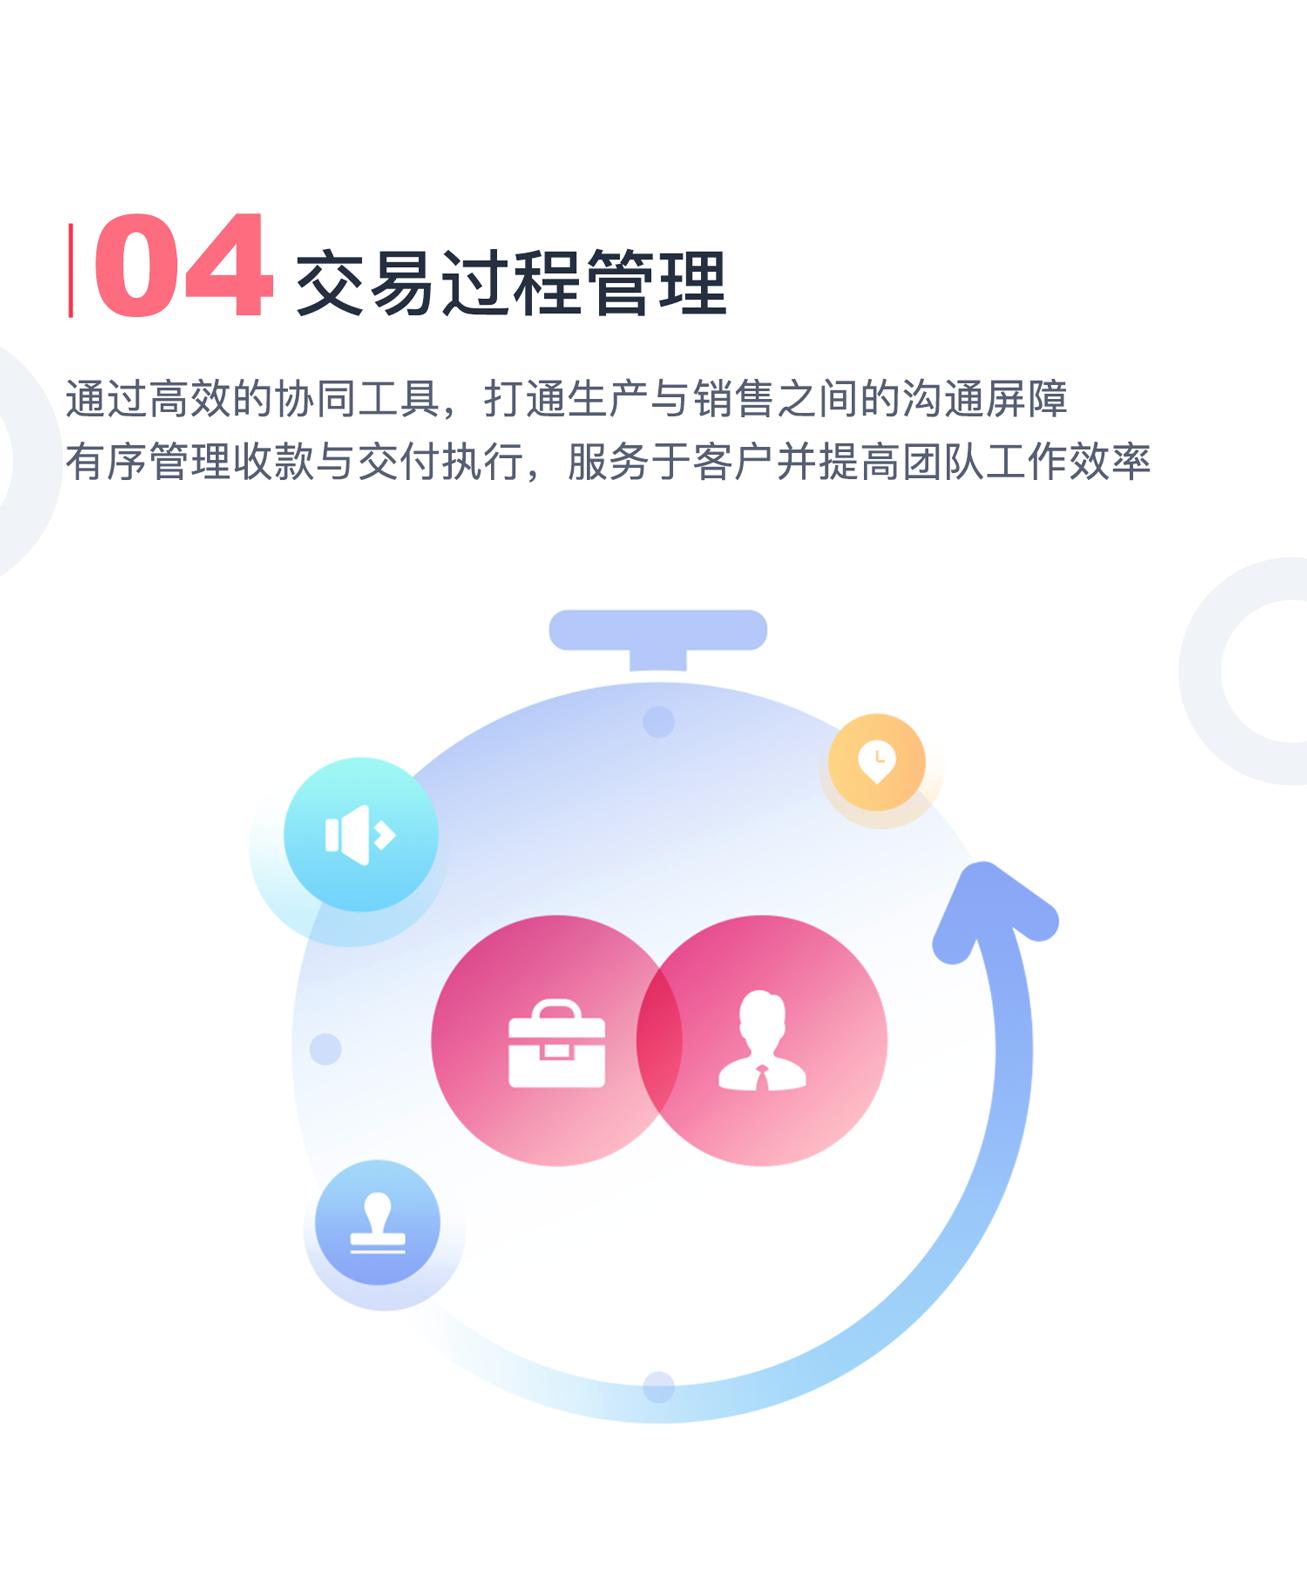 上海XX医疗器械设备有限公司使用红圈CRM用户案例